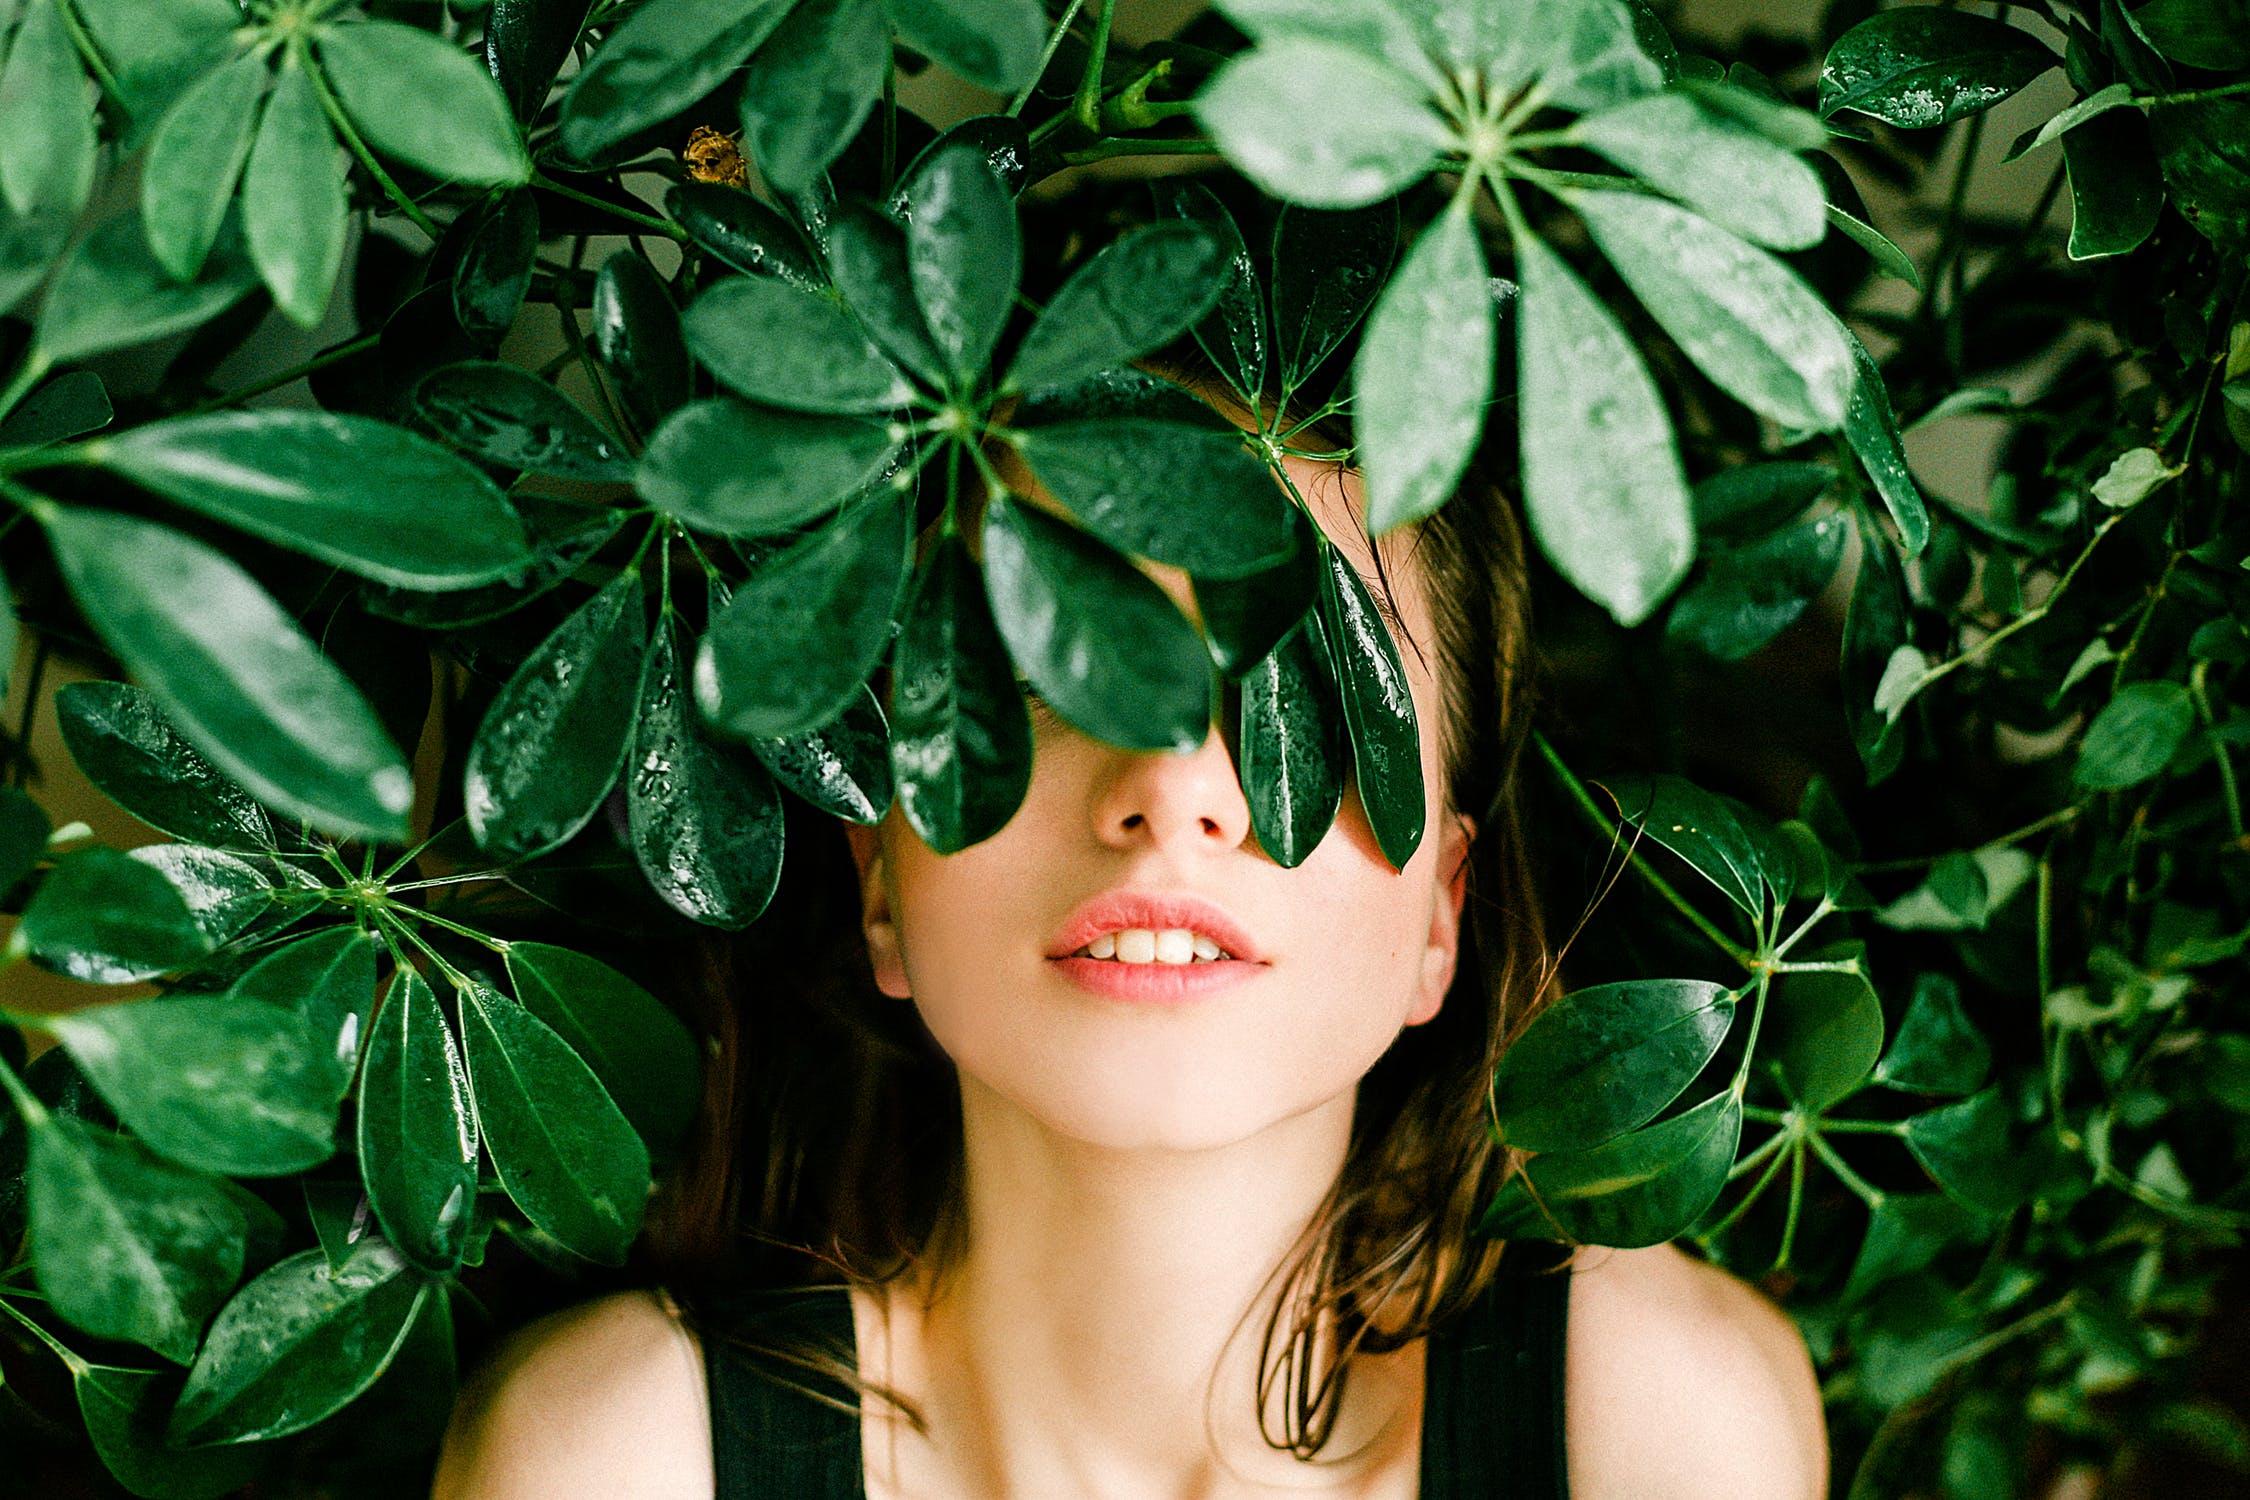 Découvrez l'univers fascinant des plantes avec les Âmes Fleurs!